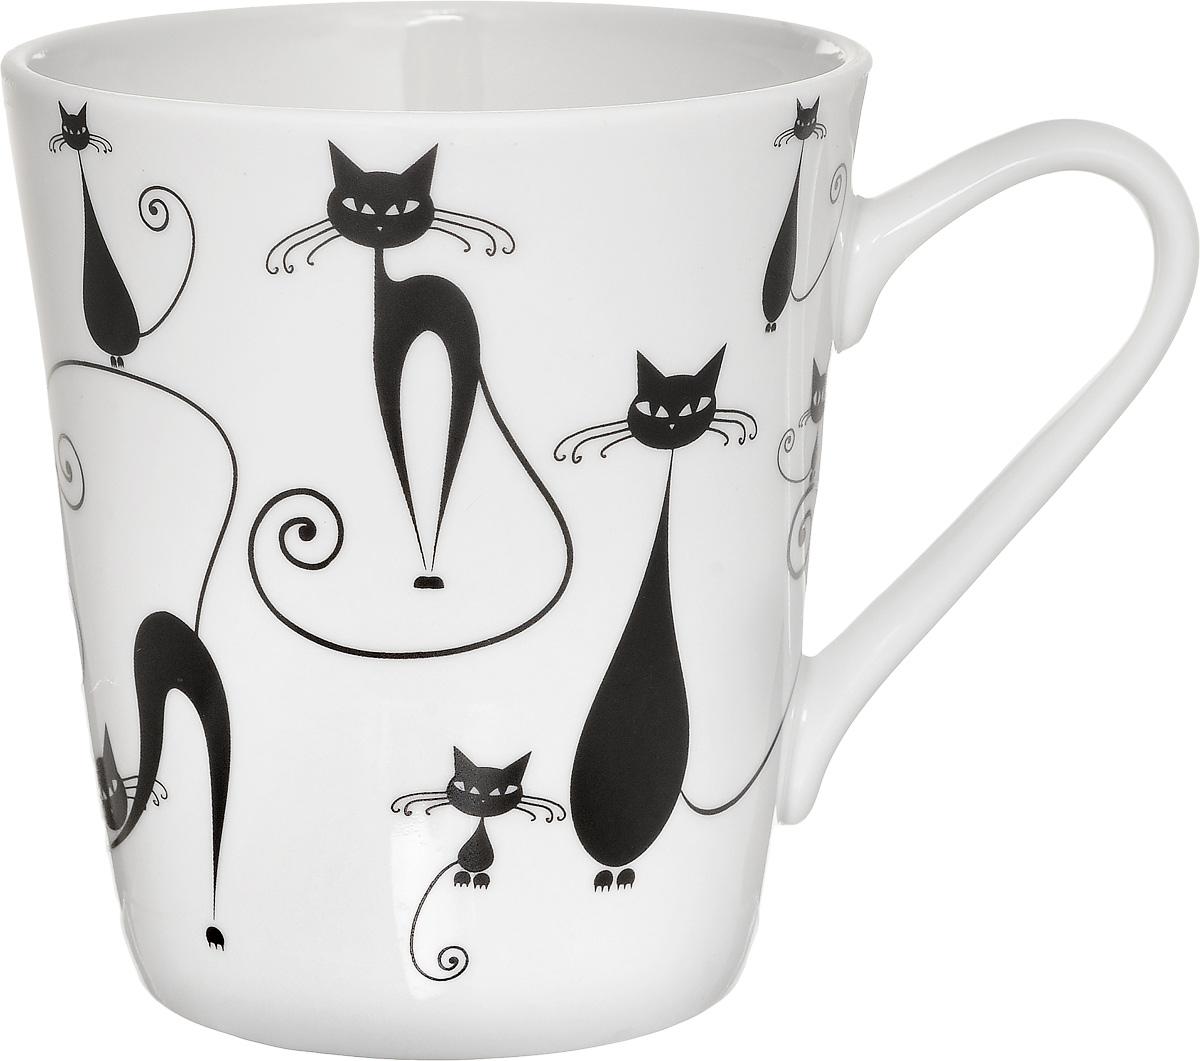 """Кружка """"Классик. Кошки"""" изготовлена из высококачественного фарфора. Внешние стенки изделия оформлены изображением кошек. Такая кружка прекрасно подойдет для горячих и холодных напитков. Она дополнит коллекцию вашей кухонной посуды и будет служить долгие годы. Диаметр кружки (по верхнему краю): 8,5 см.Диаметр основания: 6 см.Высота кружки: 9,2 см."""